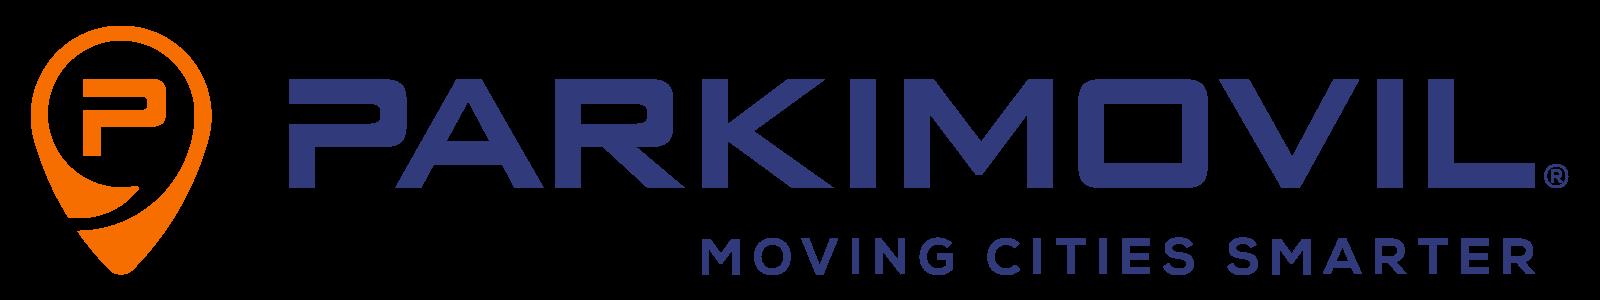 Parkimovil facturación logo